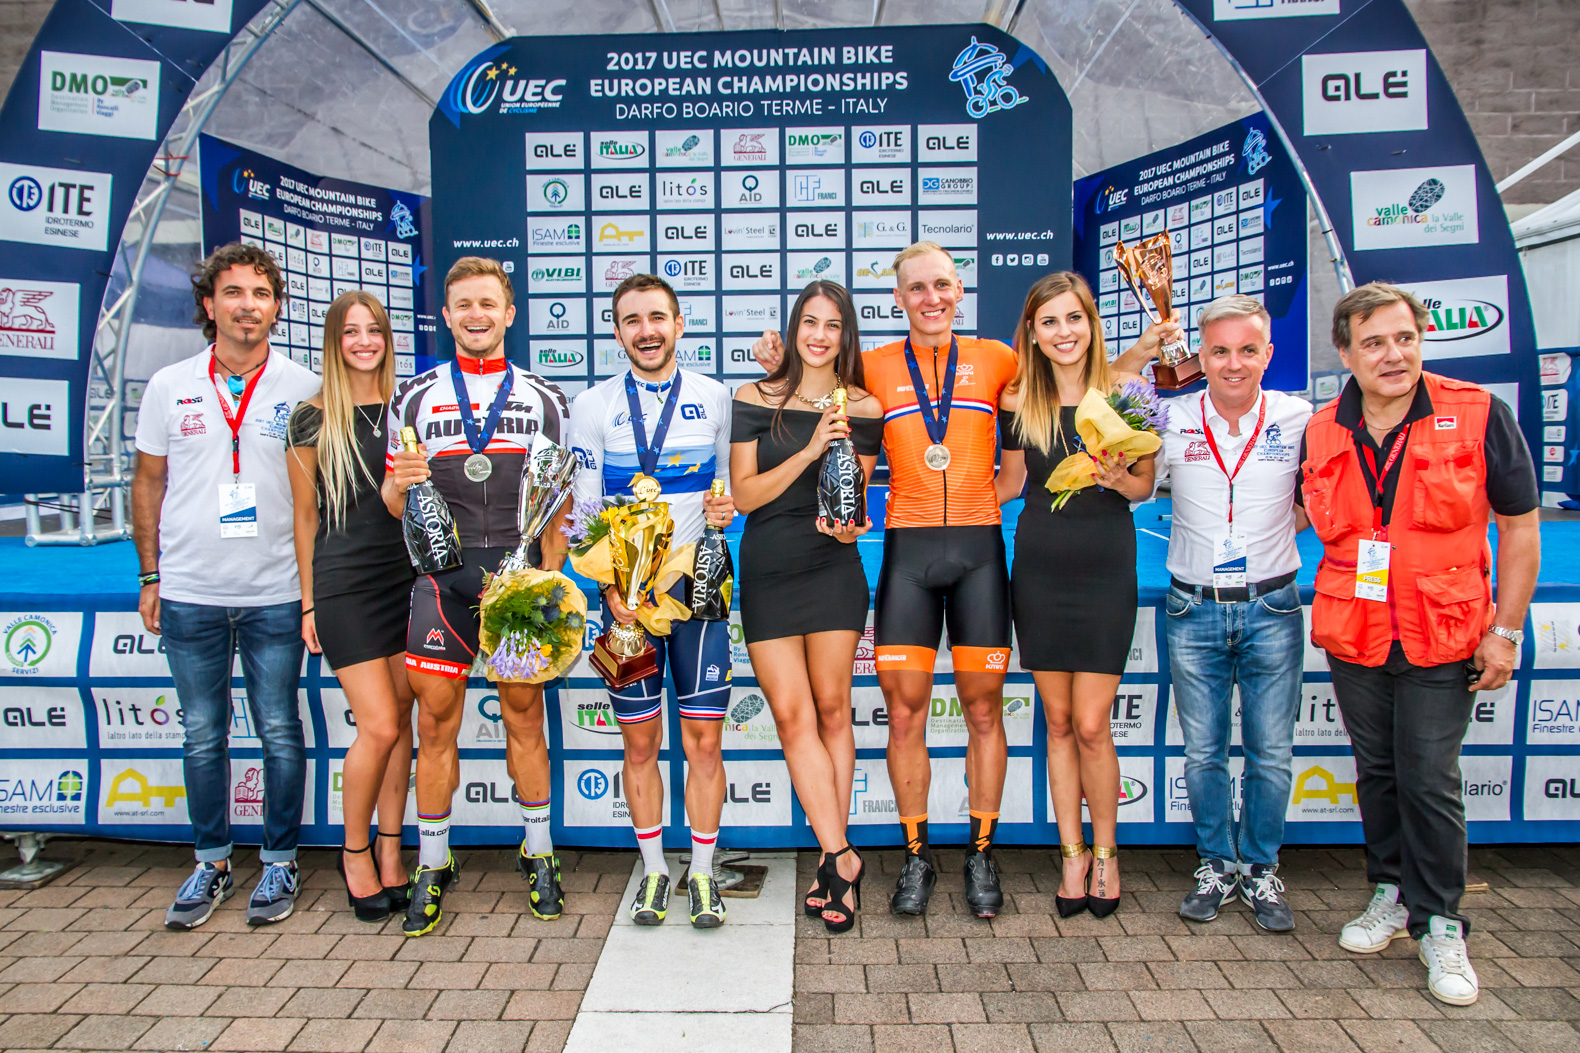 Il podio maschile del Campionato Europeo XCE 2017 a Darfo Boario Terme